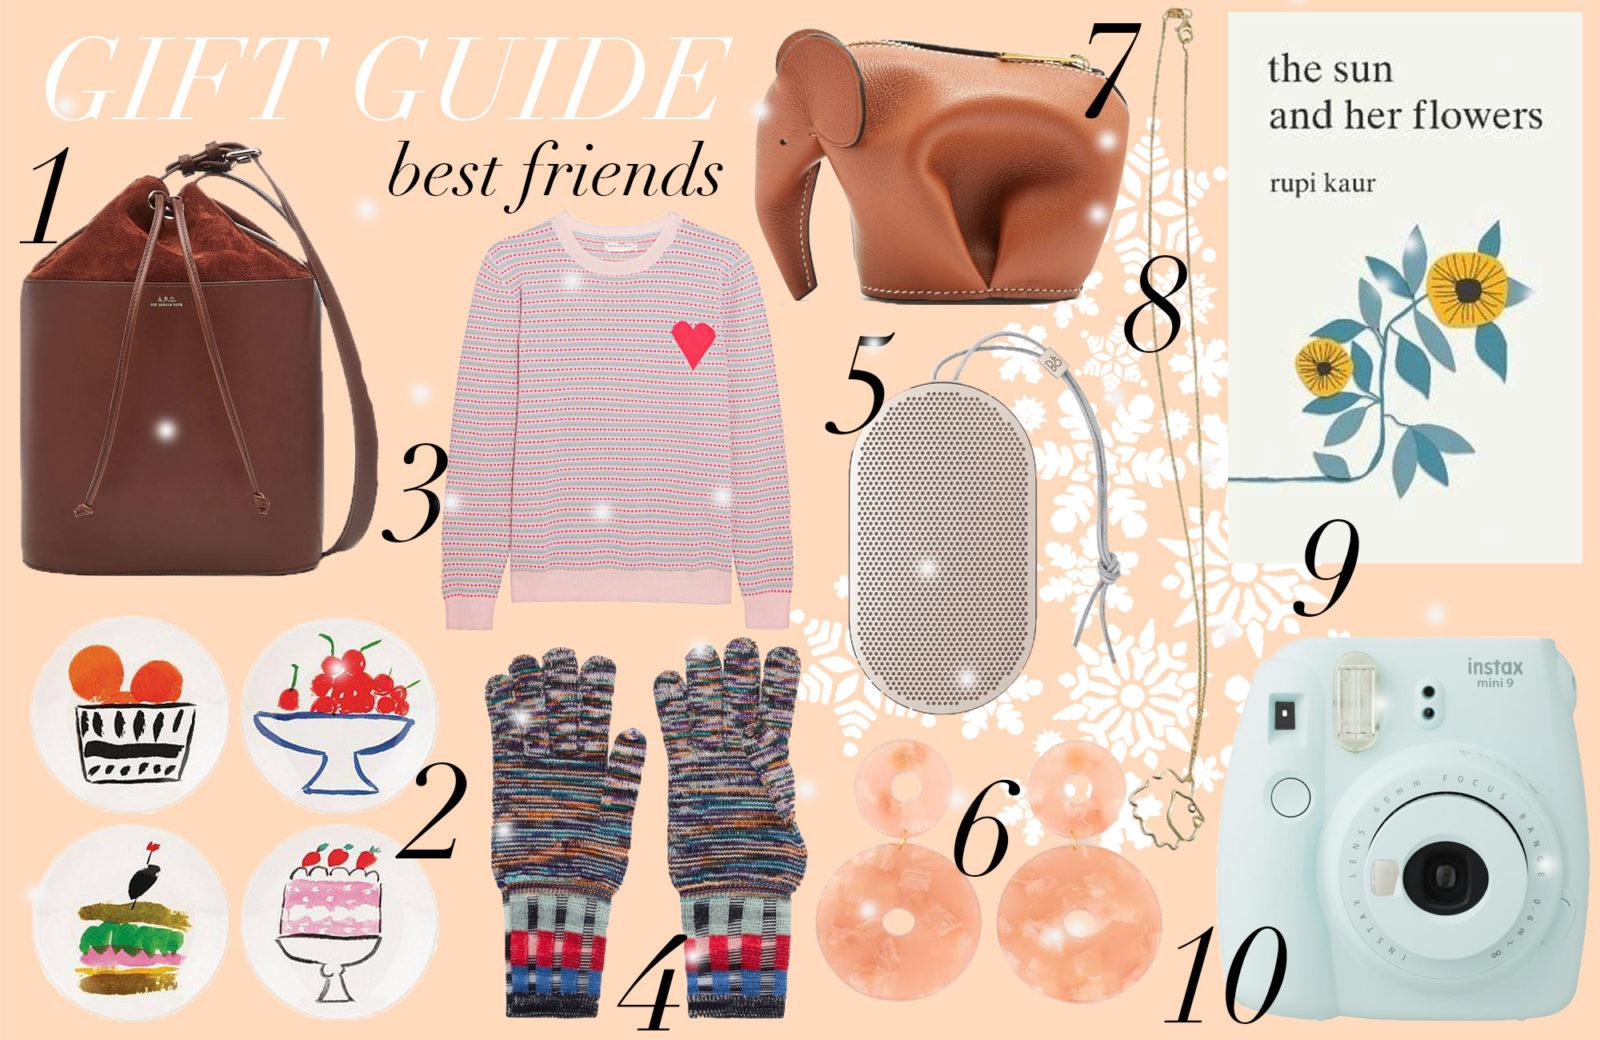 Gift Guide: Geschenke Ab 15 Euro Für Die Beste Freundin innen Geschenk Für Beste Freundin 15